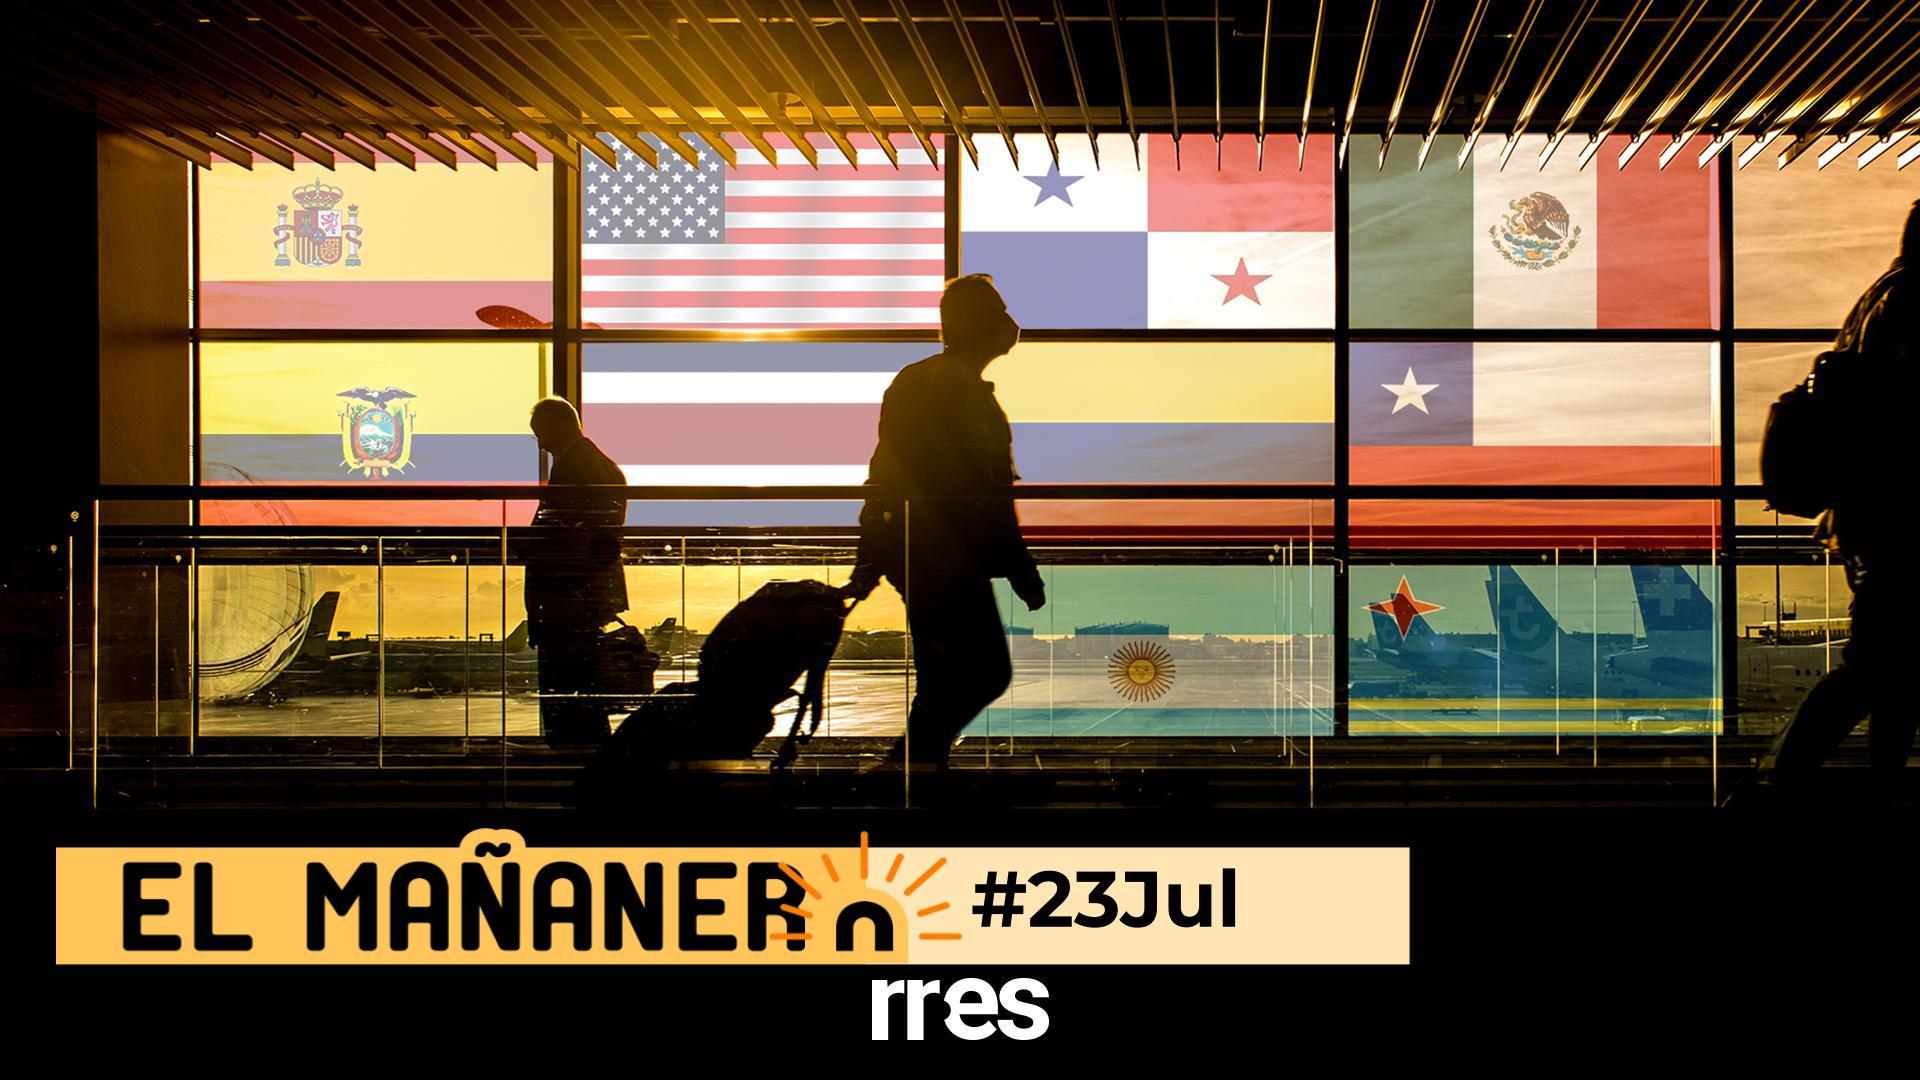 El Mañanero de hoy #23Jul: Las 8 noticias que debes saber